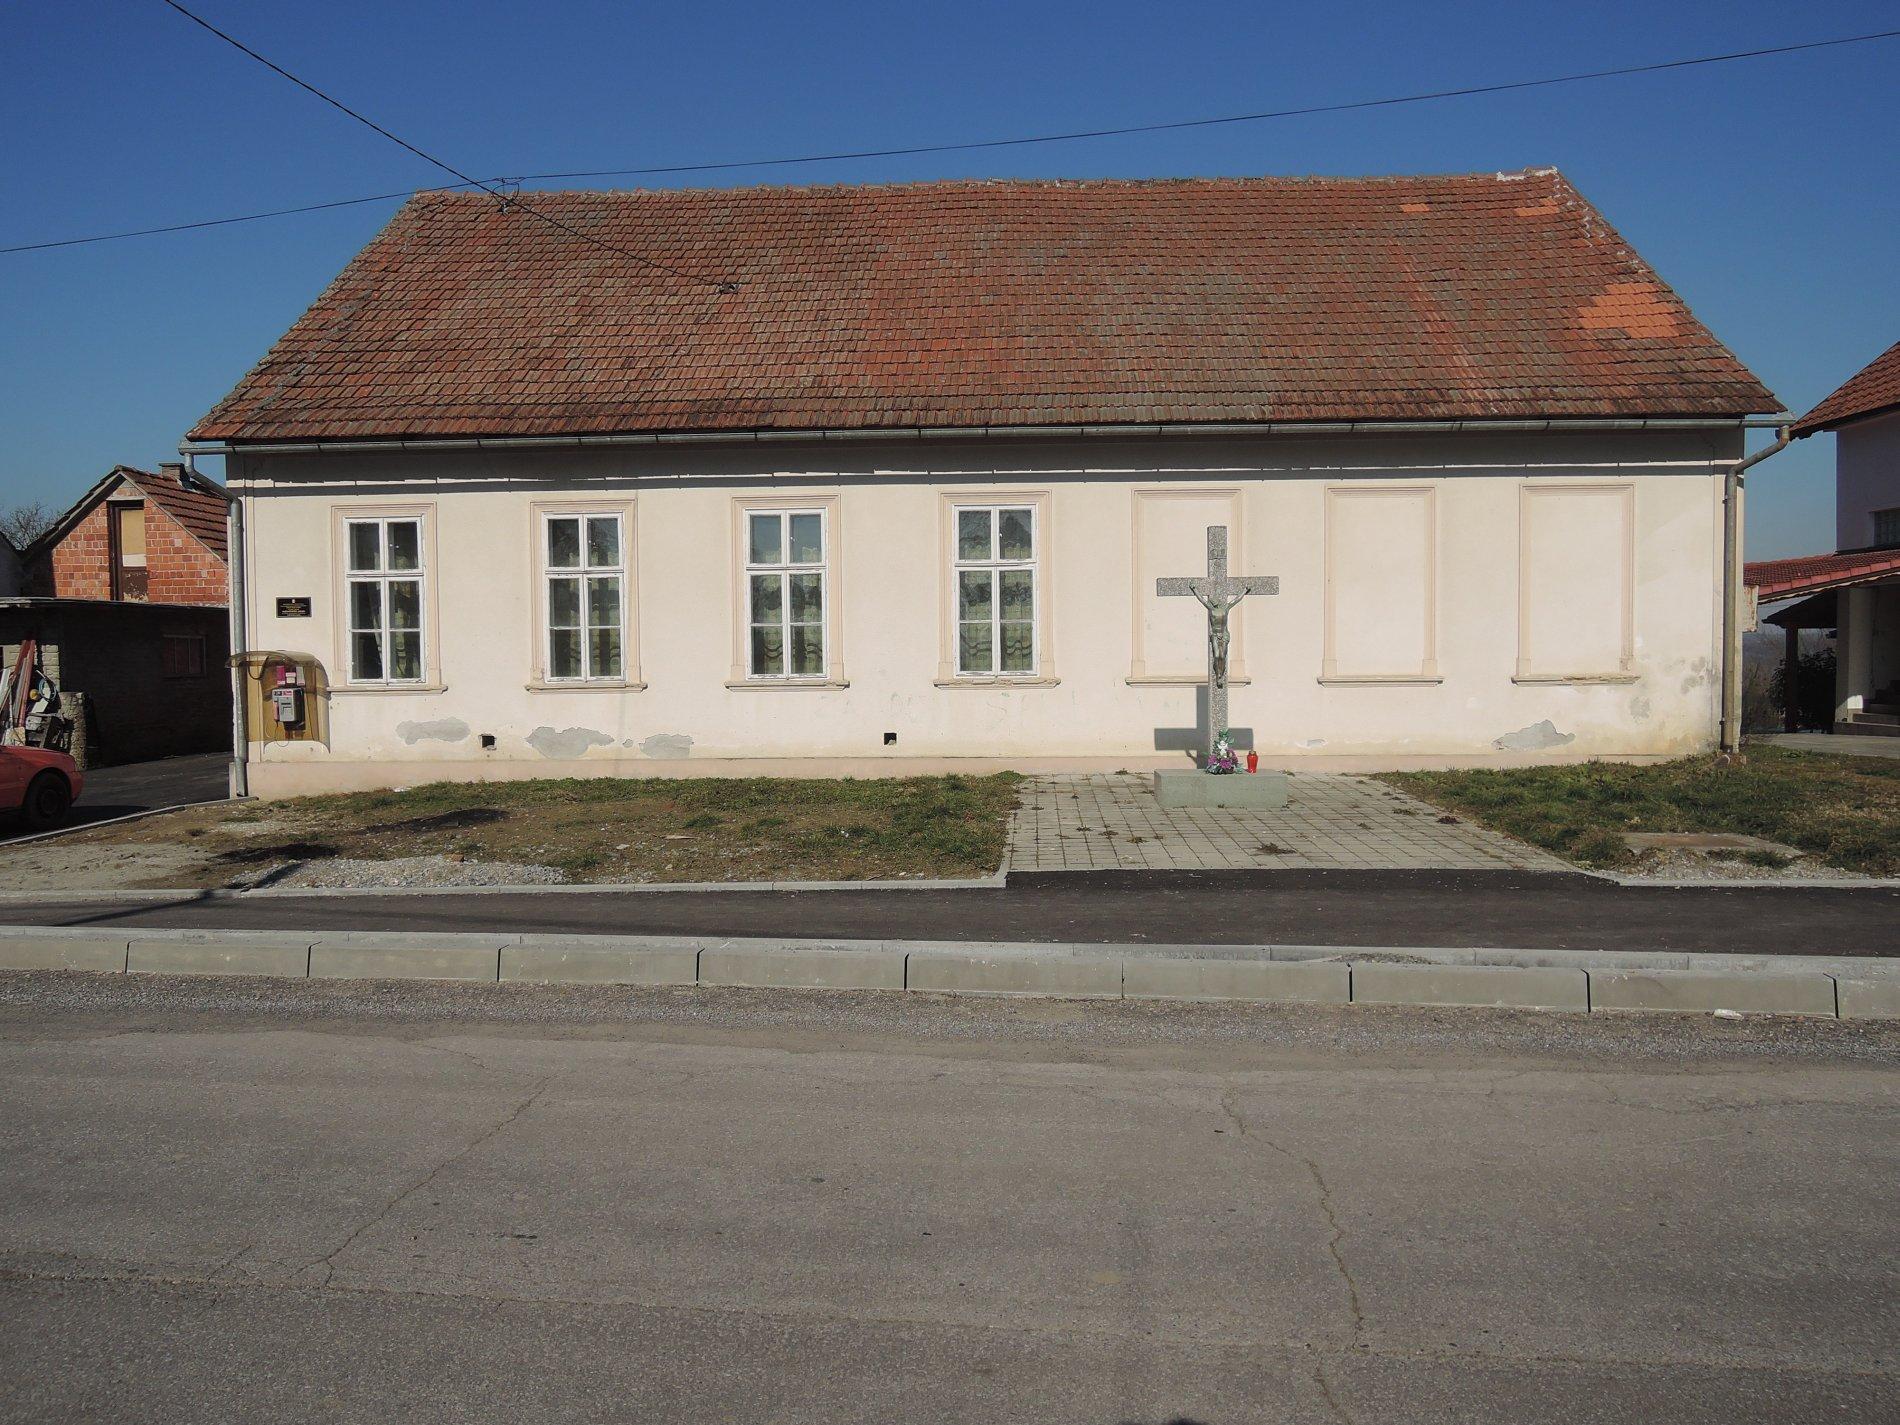 Poslovni prostori Grada Bjelovara - Mjesni dom Novoseljani, Milke Trnine 27